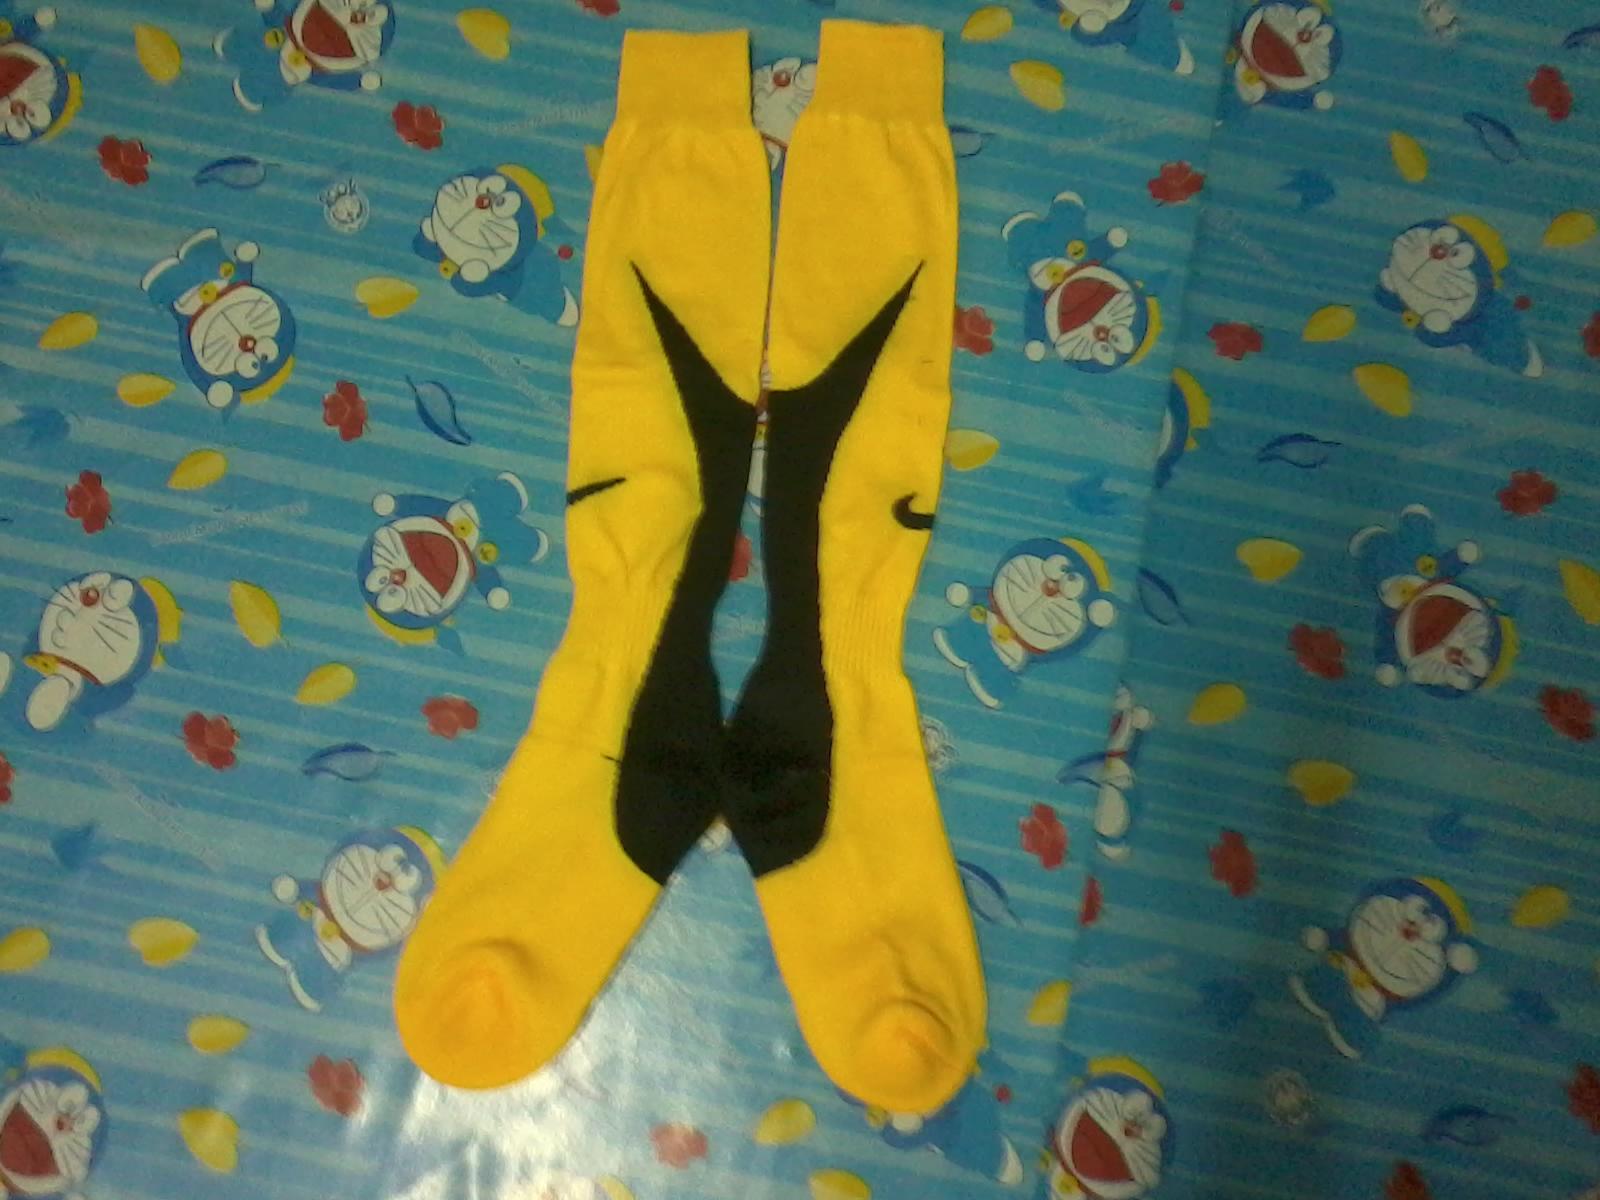 ถุงเท้า nike เหลือง ดำ